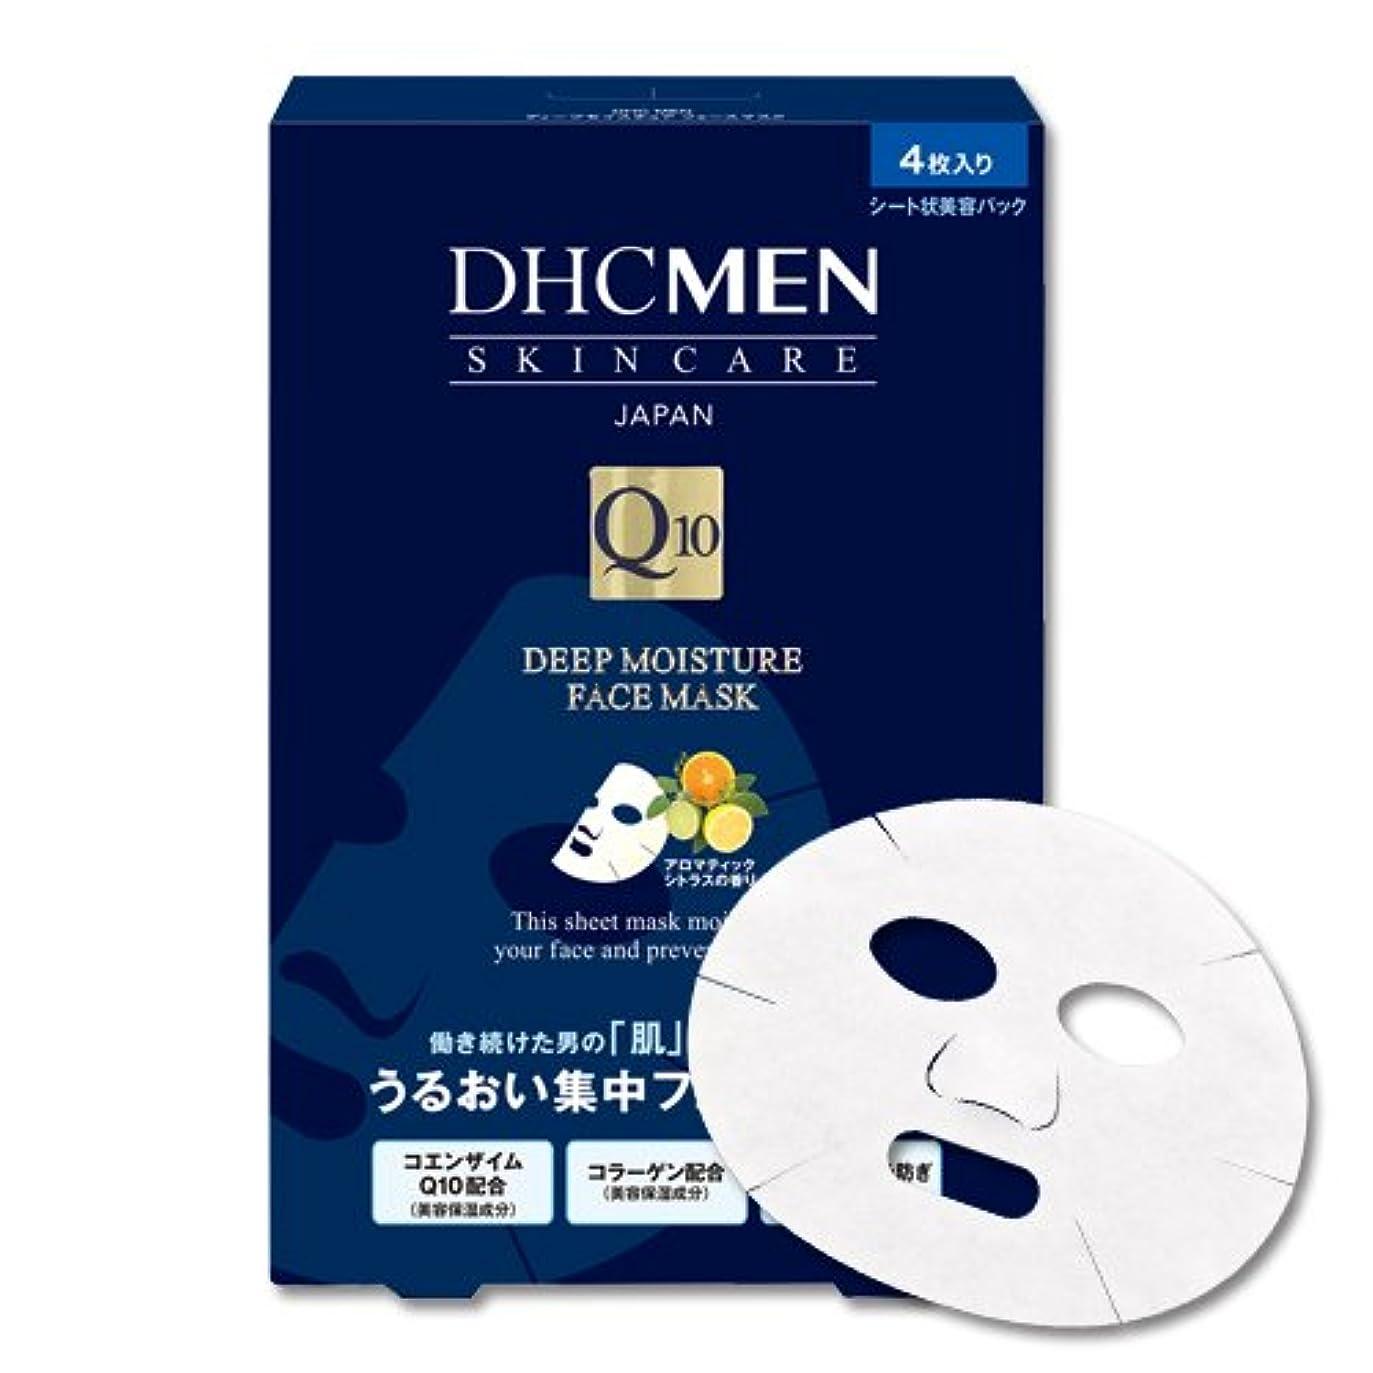 イルダッシュじゃがいもDHC MEN ディープモイスチュア フェースマスク